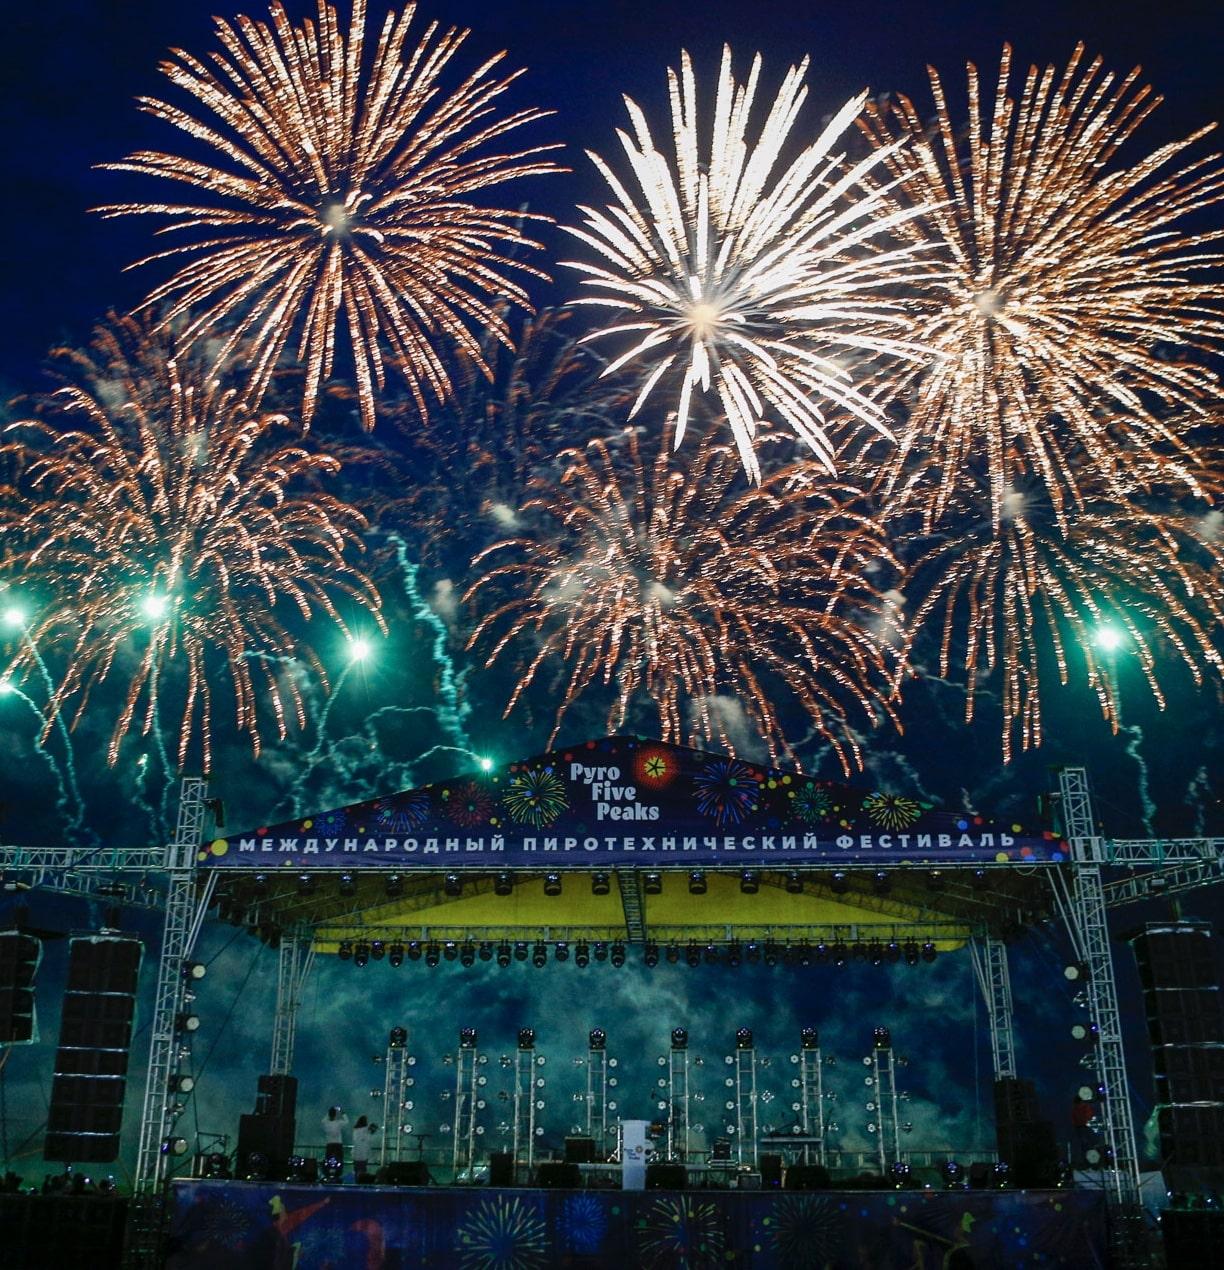 К МЕЖДУНАРОДНОМУ ФЕСТИВАЛЮ ФЕЙЕРВЕРКОВ-2020 ПОД ПАРКОВКУ ВЫДЕЛЯТ 19 ГА(6+)